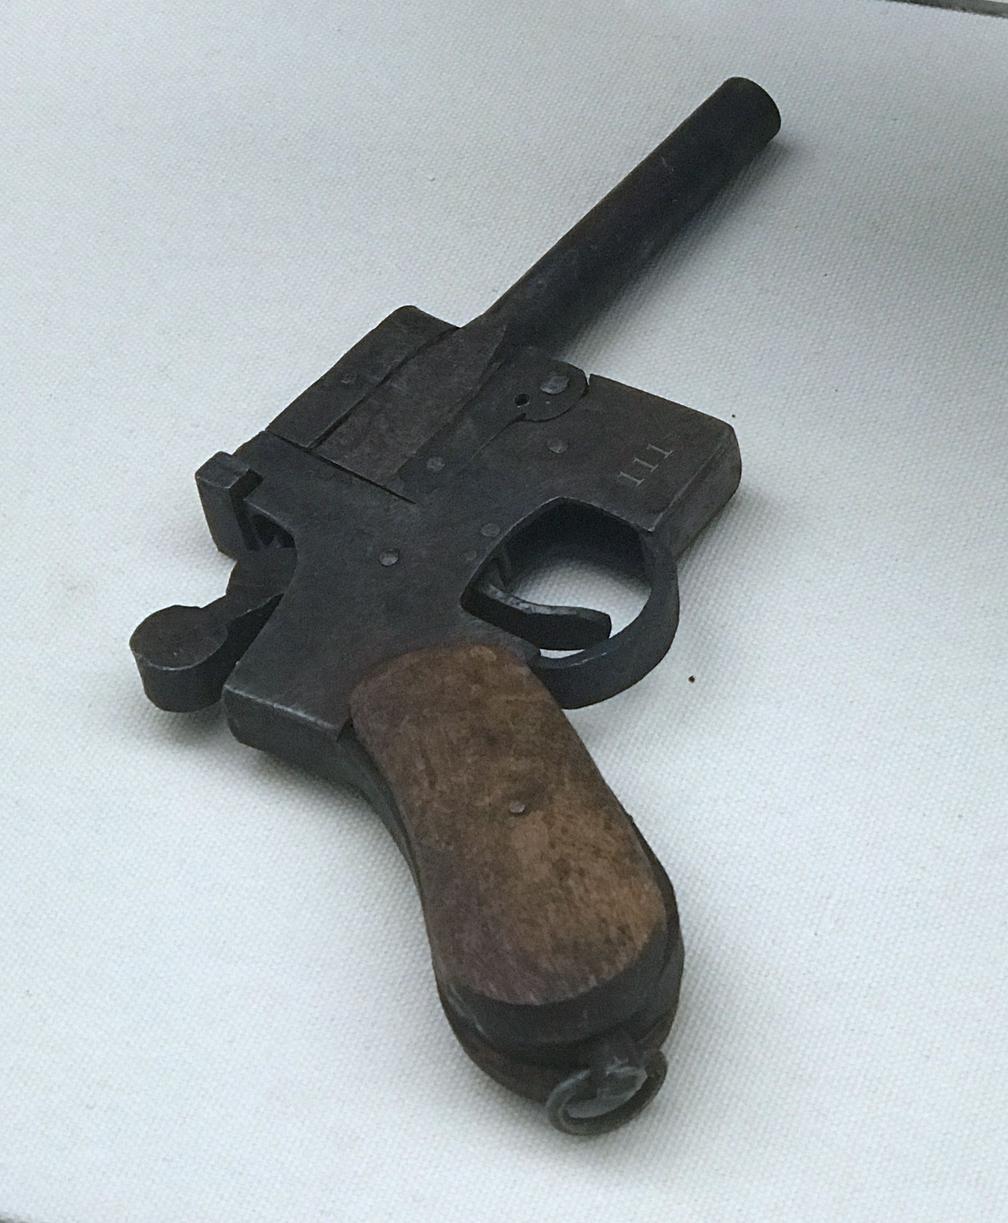 土枪支结构_八路军敌后武工队的屠龙刀是什么?撅把子土枪